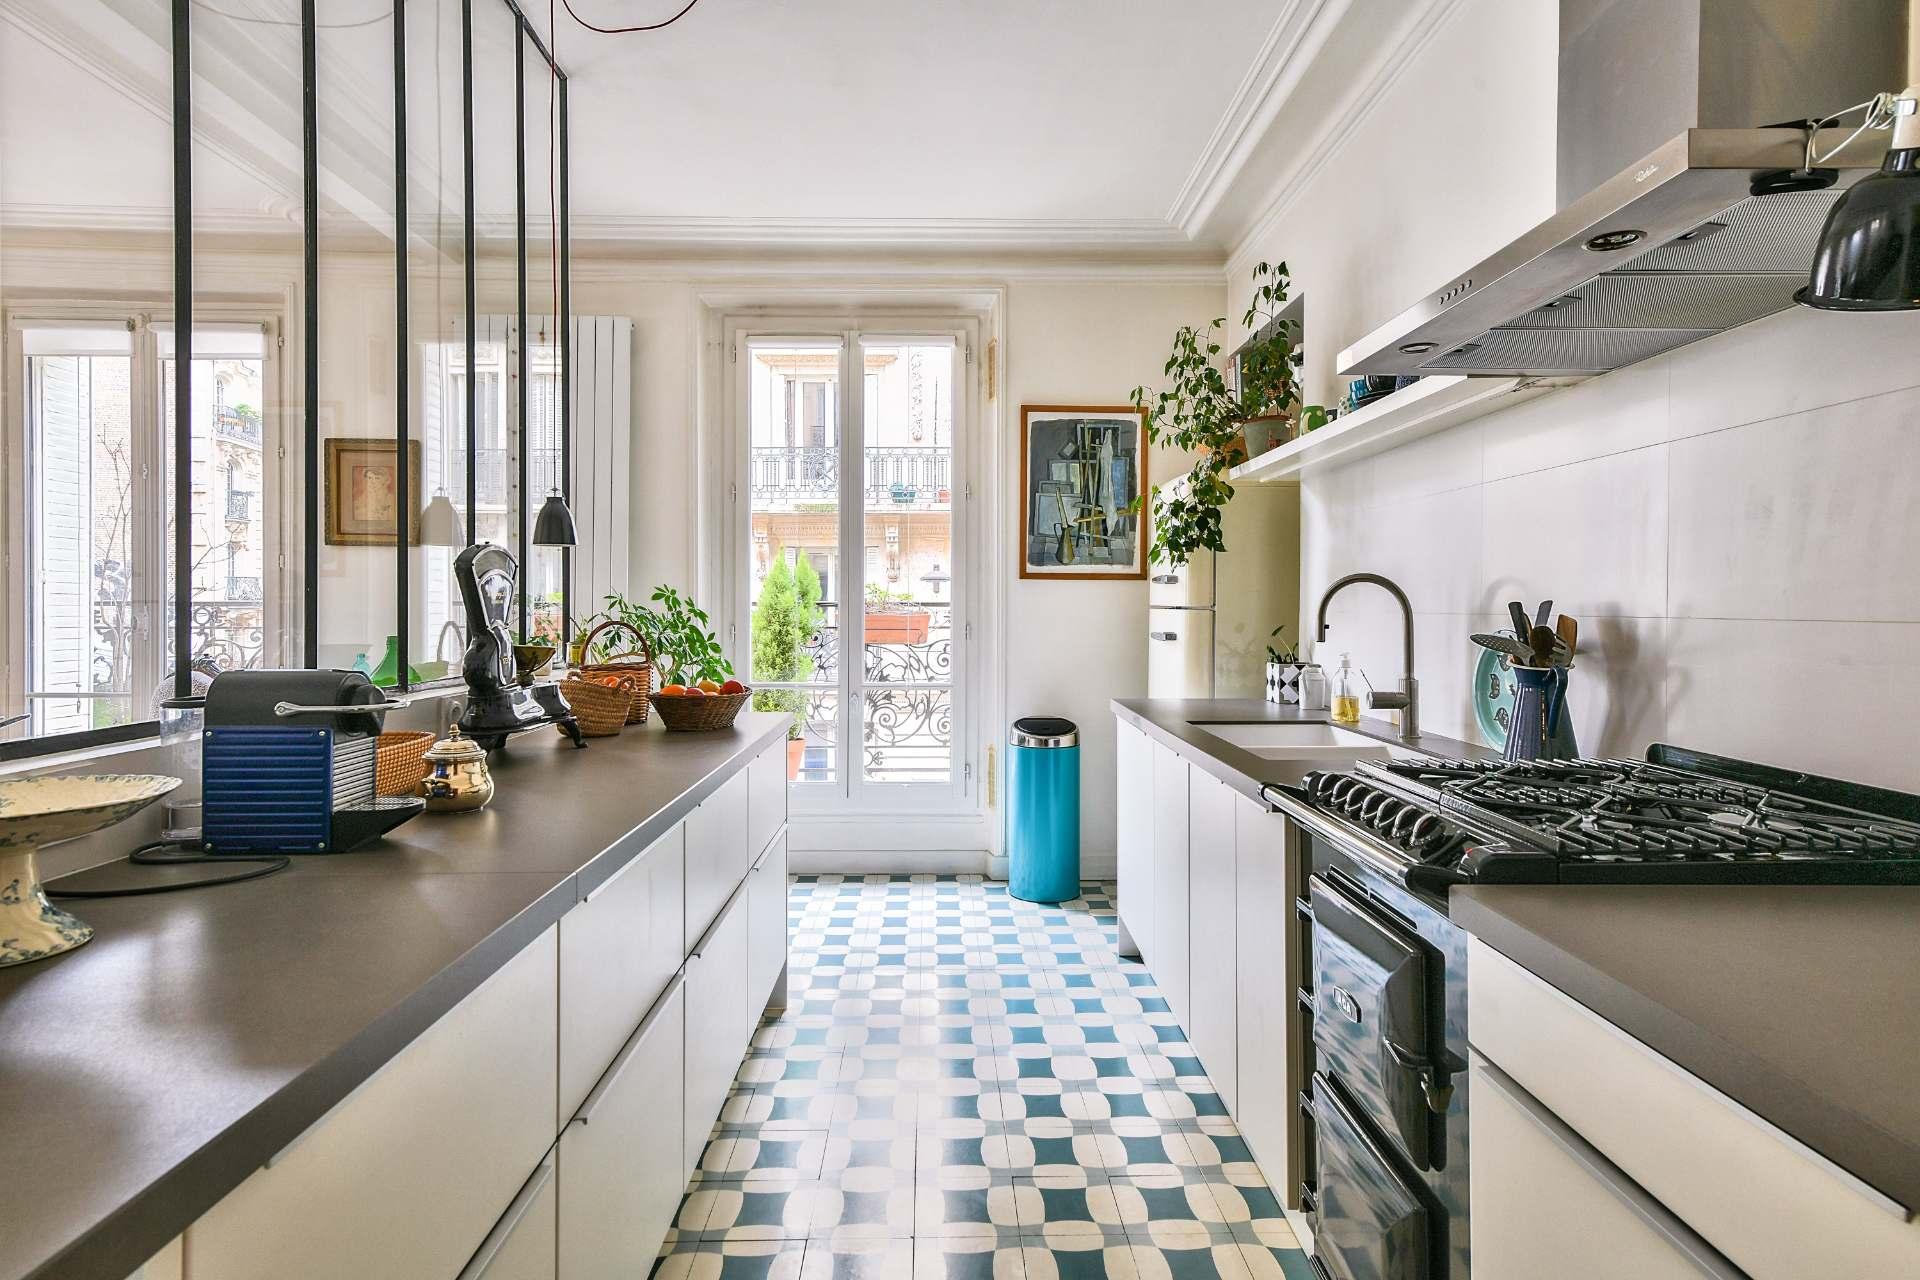 Appartement 3 pièces de 77m2 – Secteur Damrémont – Paris XVIII 4